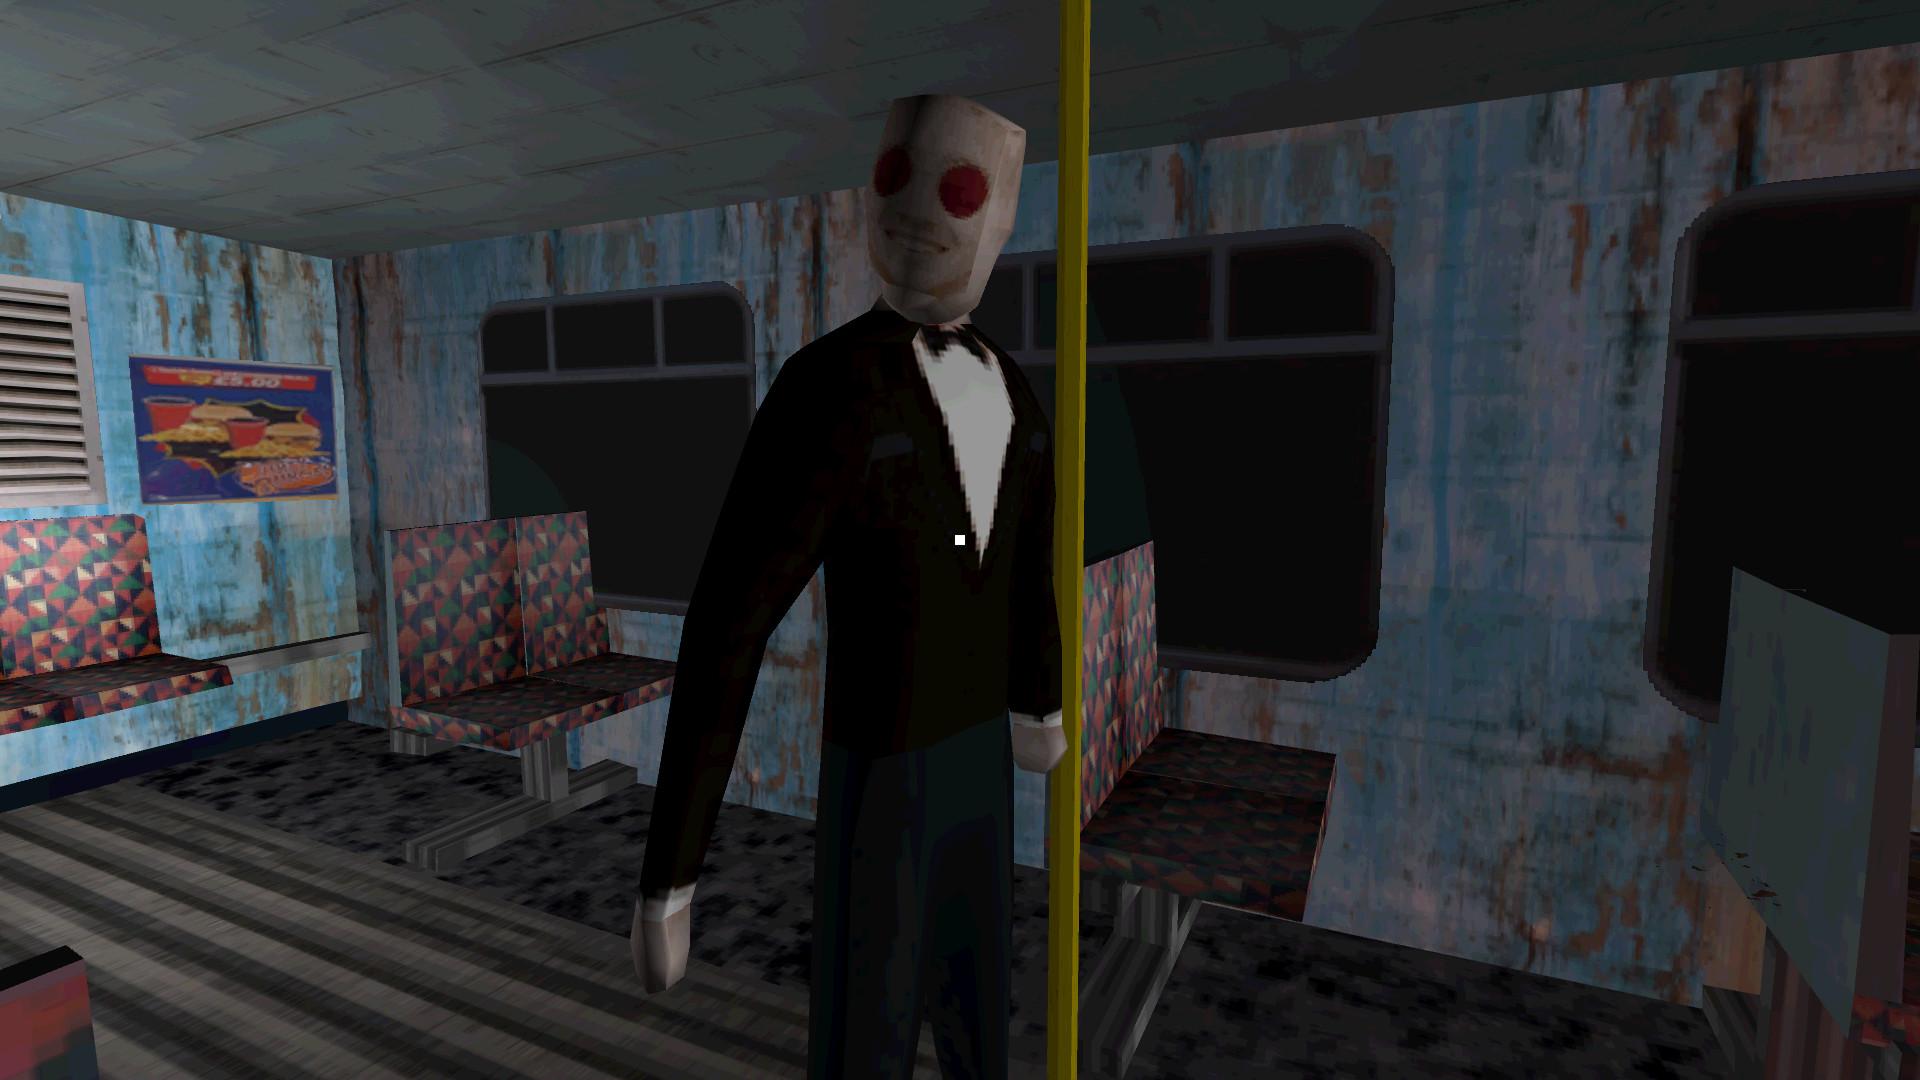 Pantallazo low-poly. Un personaje con gafas de sol rojas, traje y pajarita nos mira sonriendo. Está de pie, agarrado a la barra en un autobús por lo demás vacío..